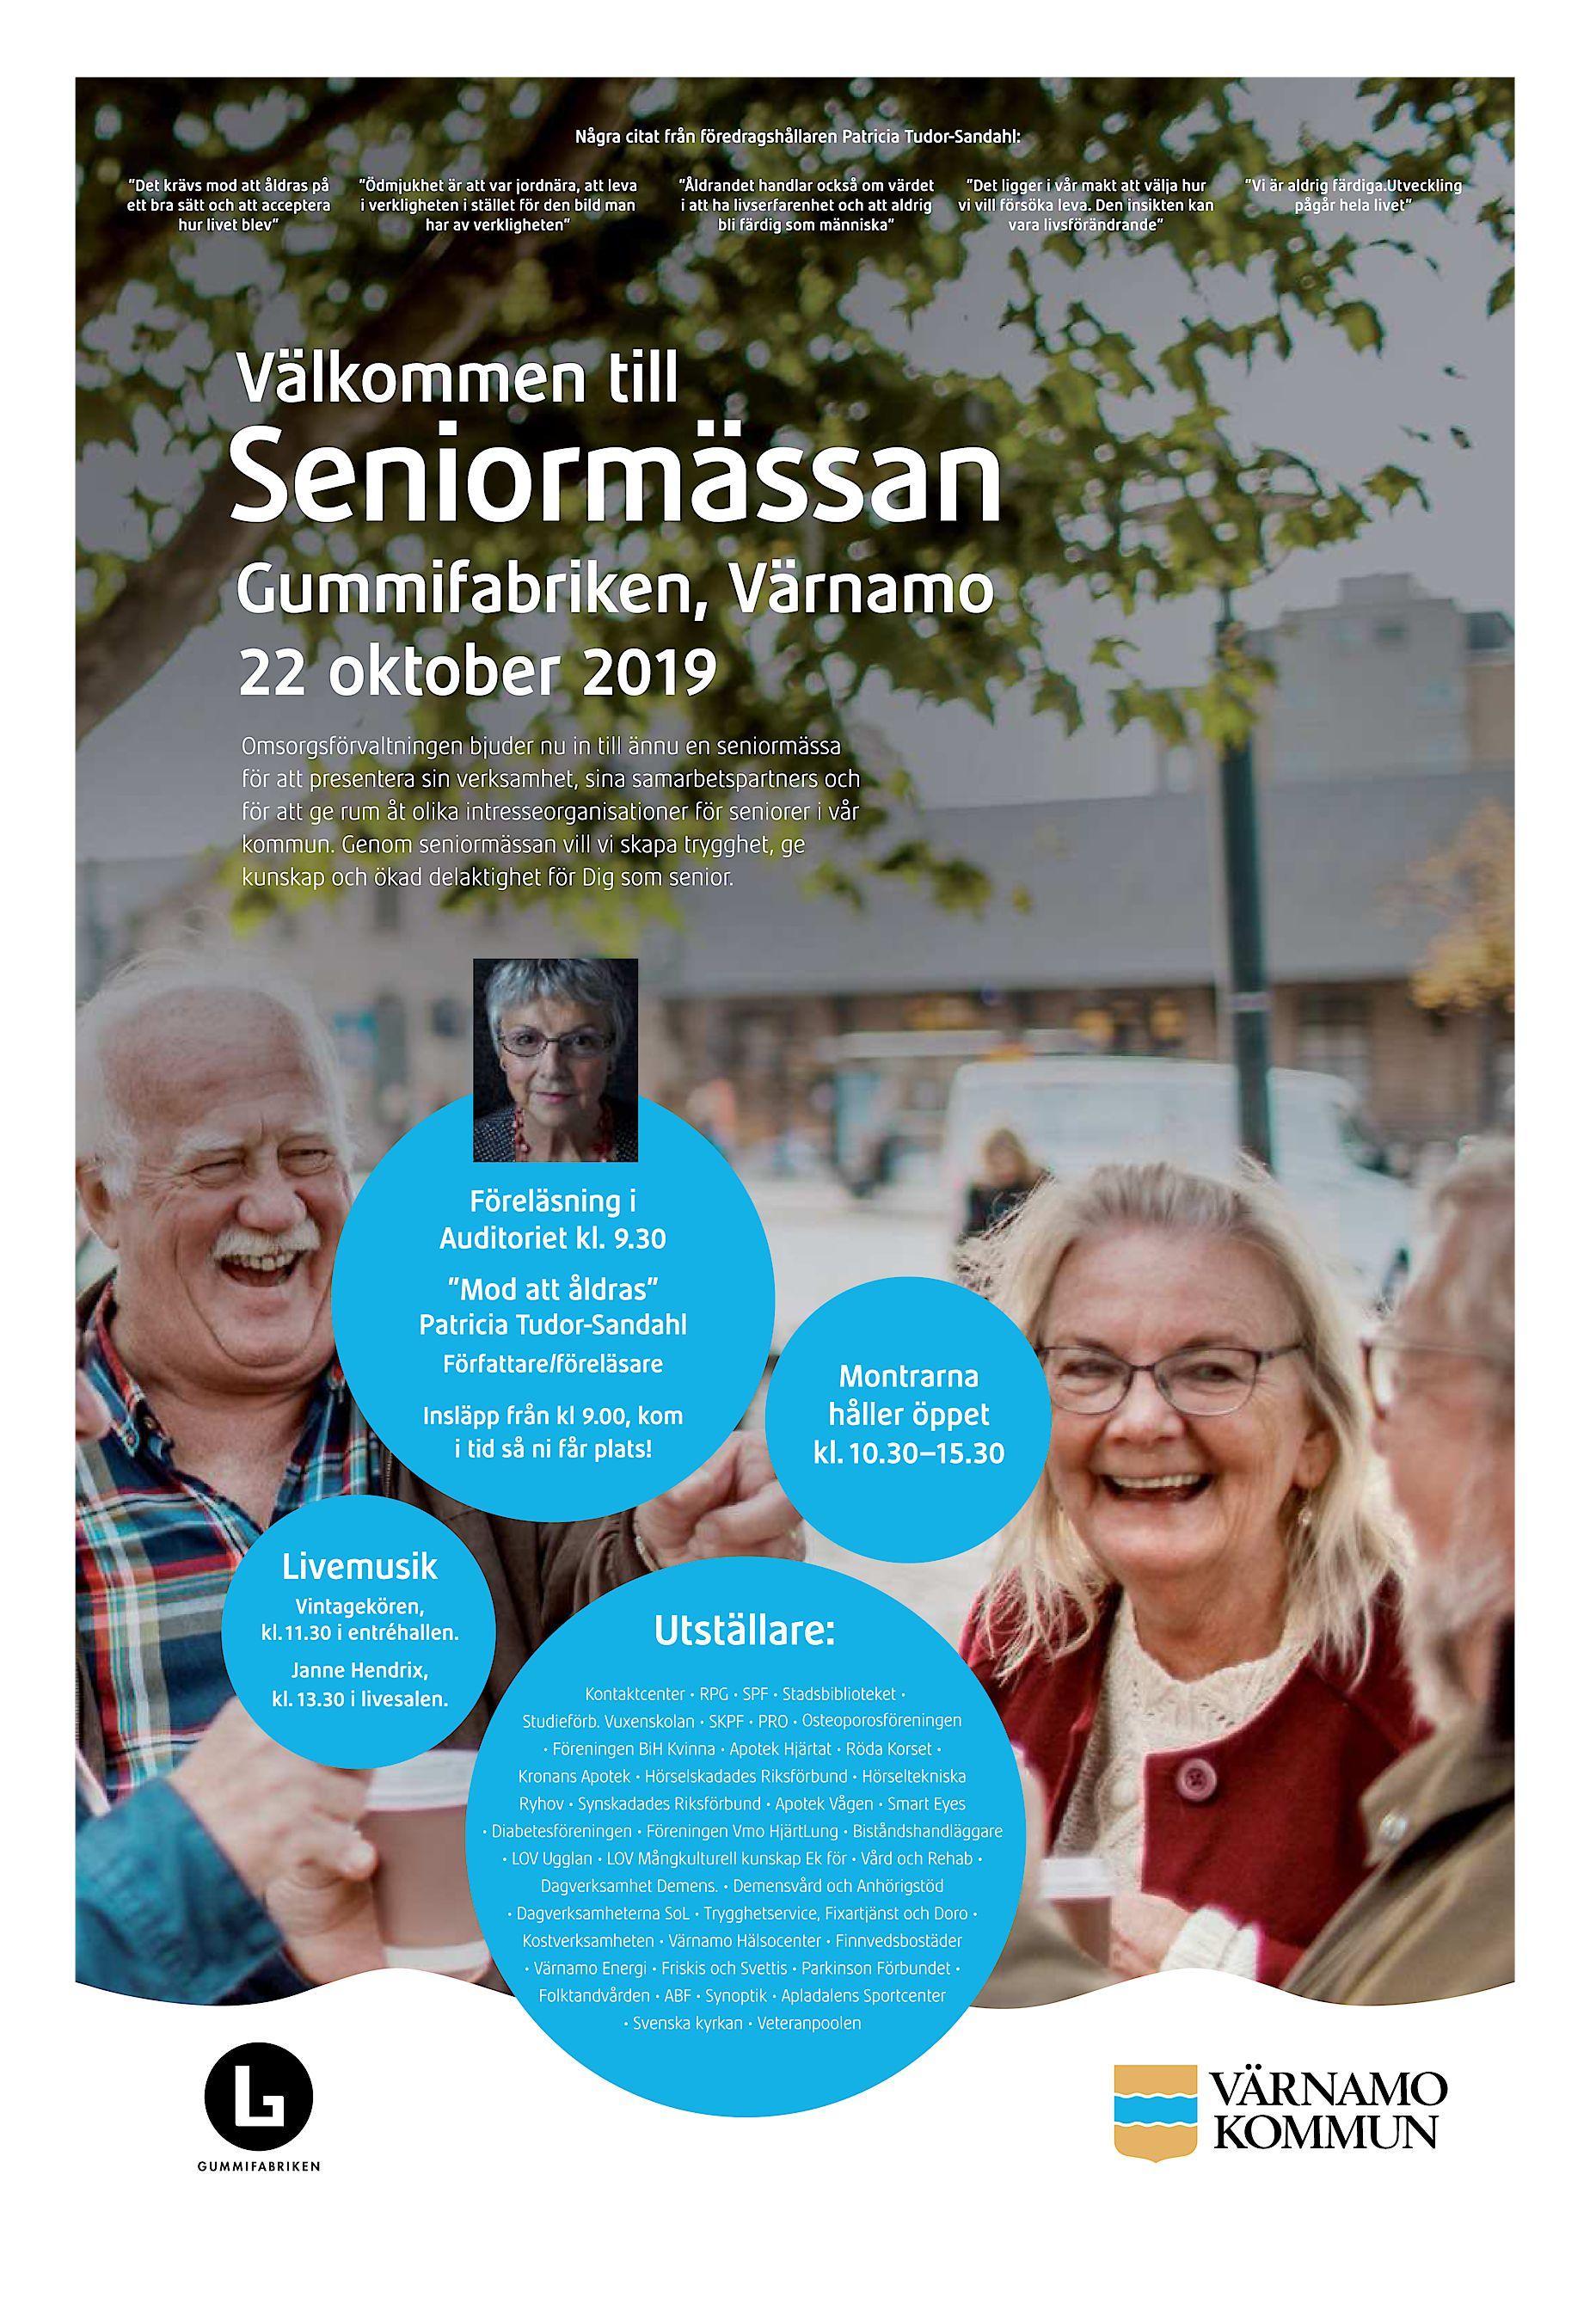 Stefan Sjdahl, 52 r i Smlandsstenar p Villstad Lerbcken